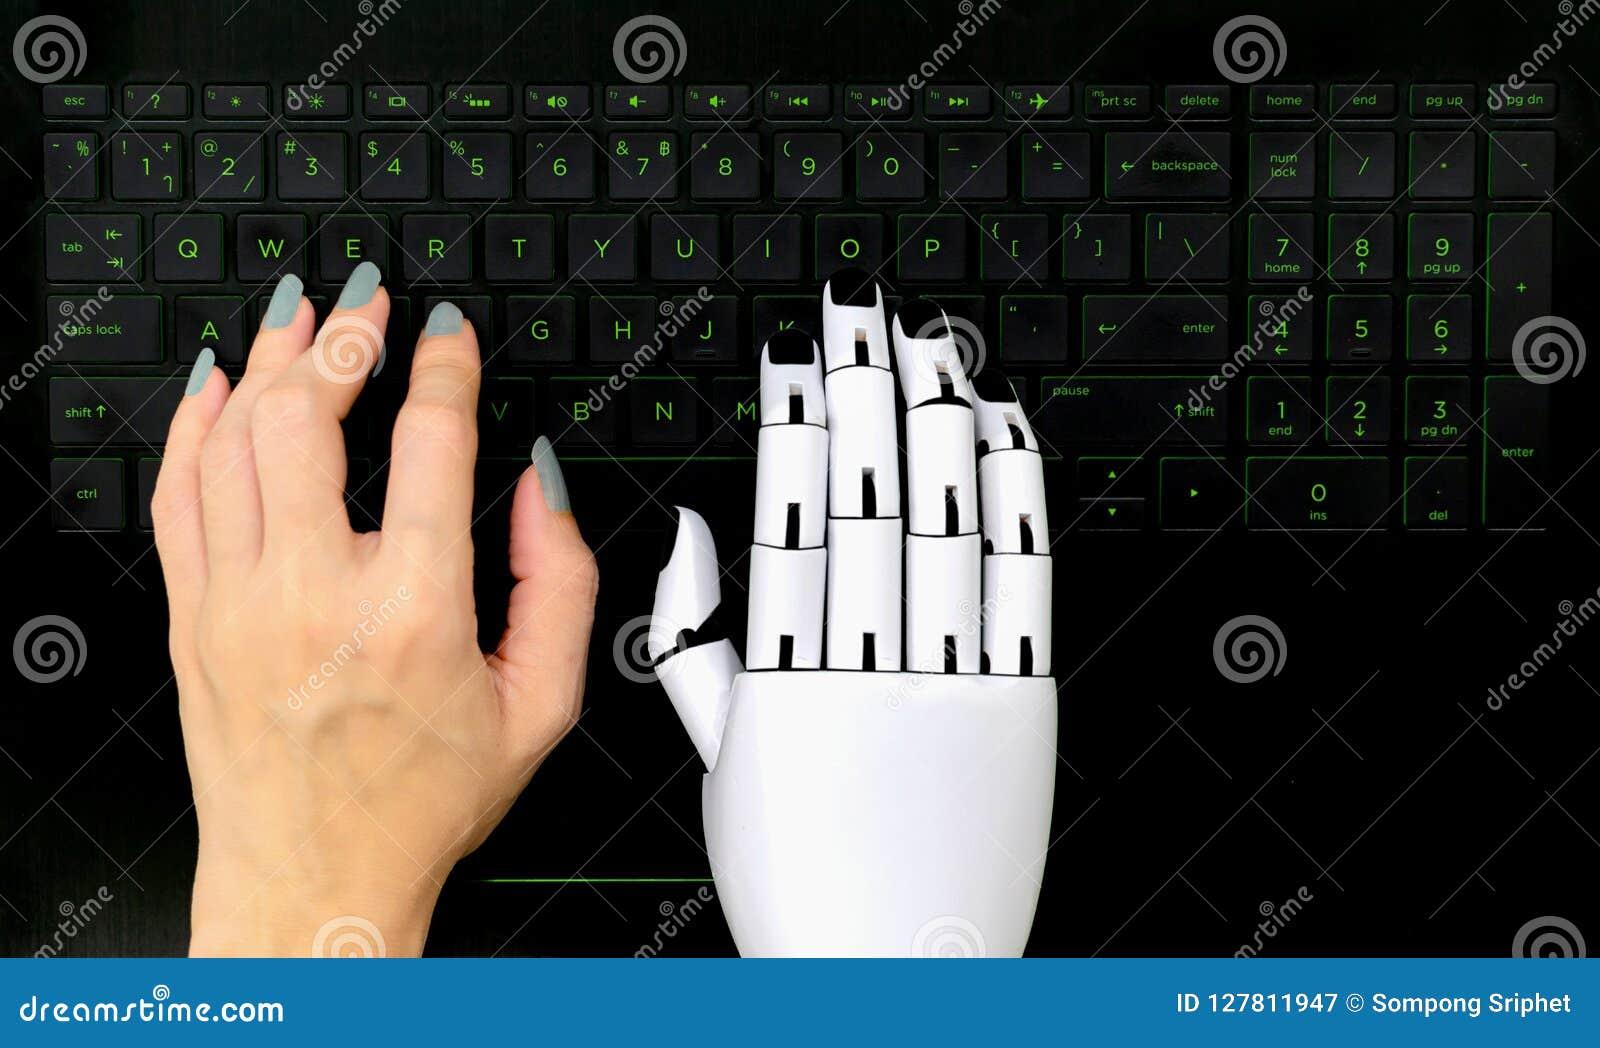 Robota pojęcia chatbot Ludzka ręki i robot ręki odciskania komputerowa klawiatura